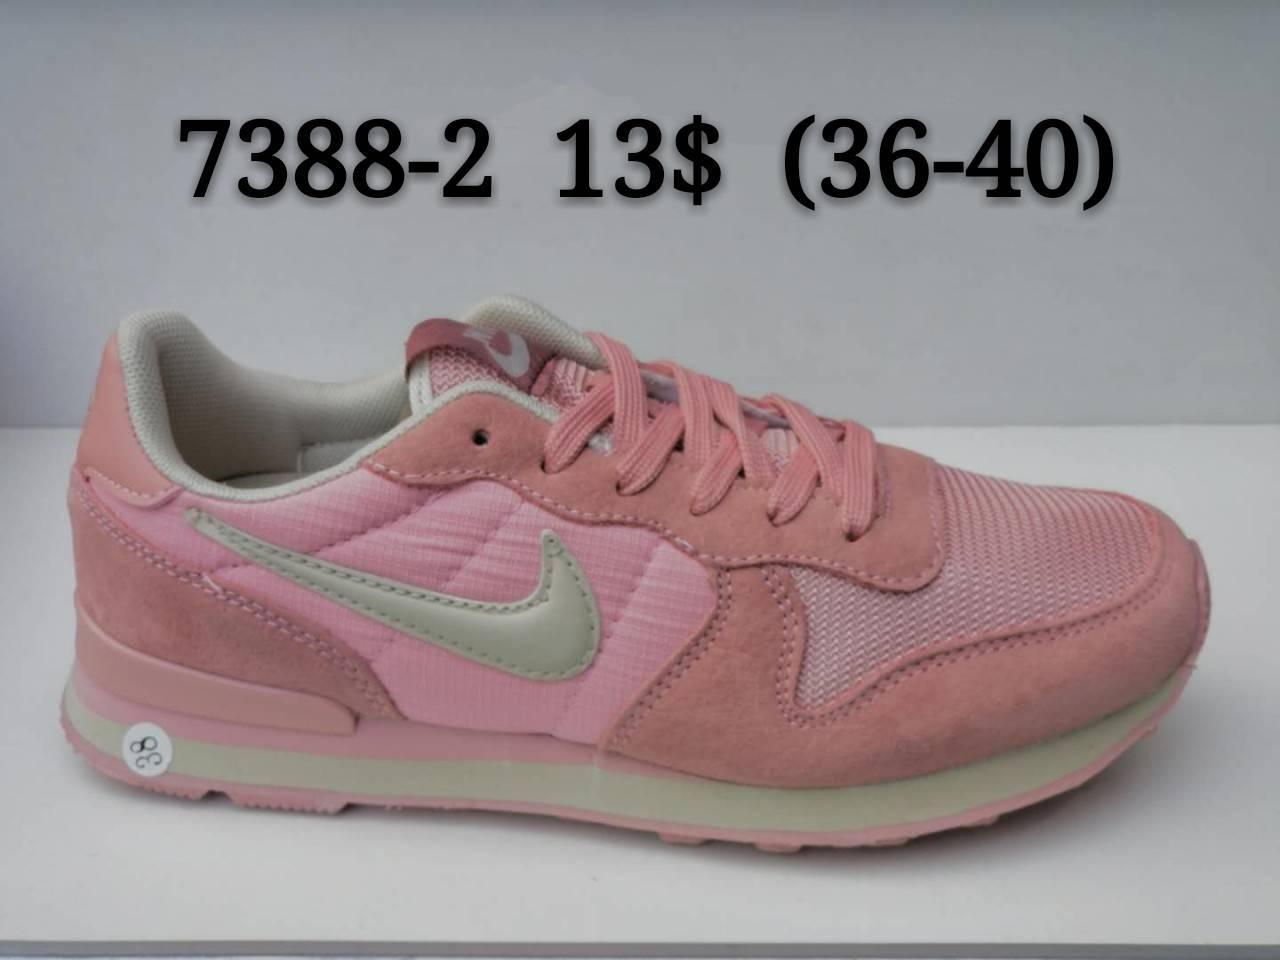 Подростковые кроссовки Nike оптом (36-40)